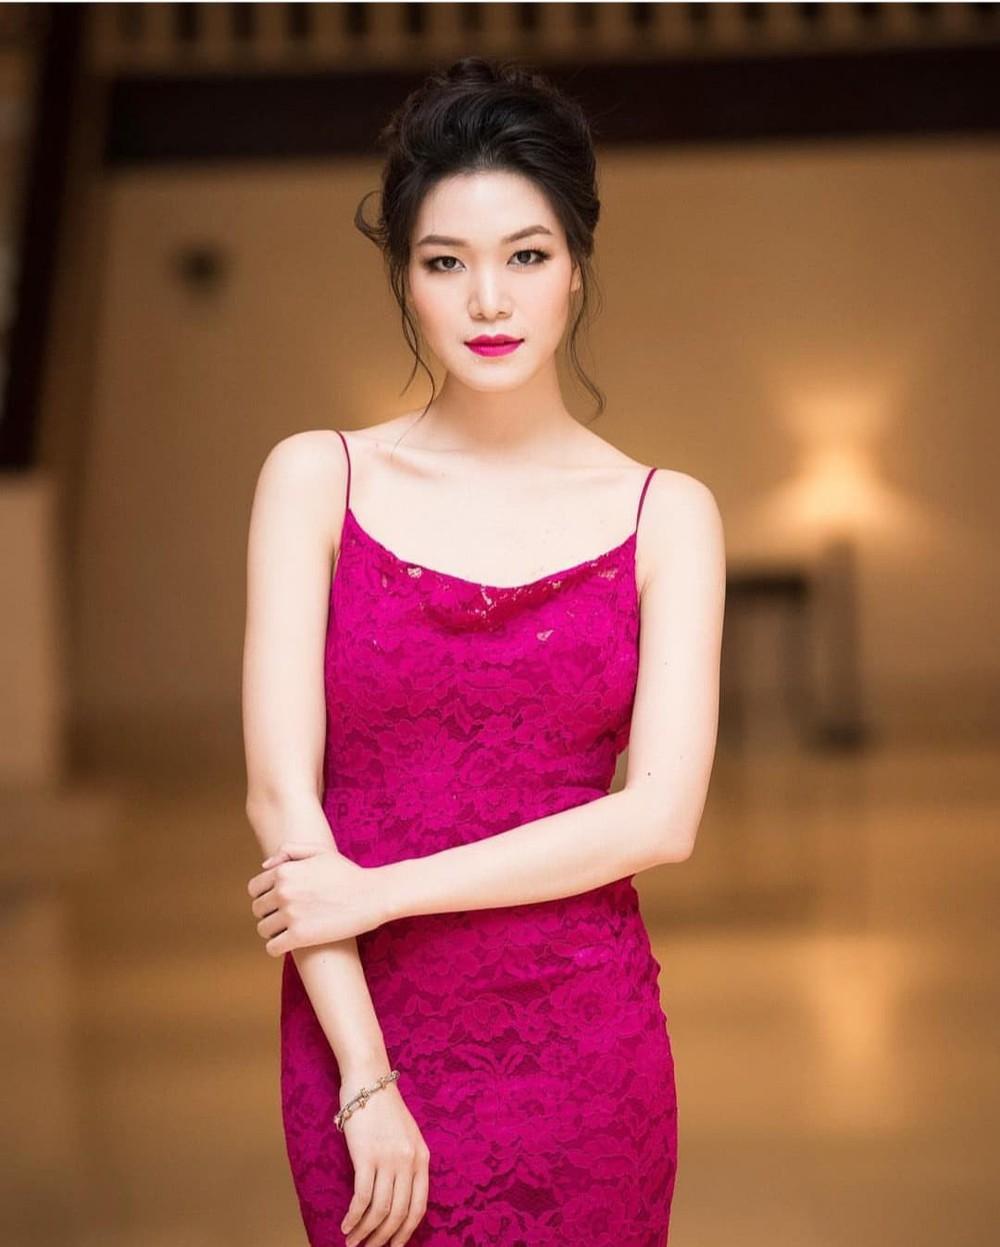 Hoa hậu Việt Nam 2008 Thùy Dung: Từ scandal Hoa hậu học dốt đến ồn ào bị vợ cũ đại gia dằn mặt và hạnh phúc giấu kín ở tuổi 30 - Ảnh 9.